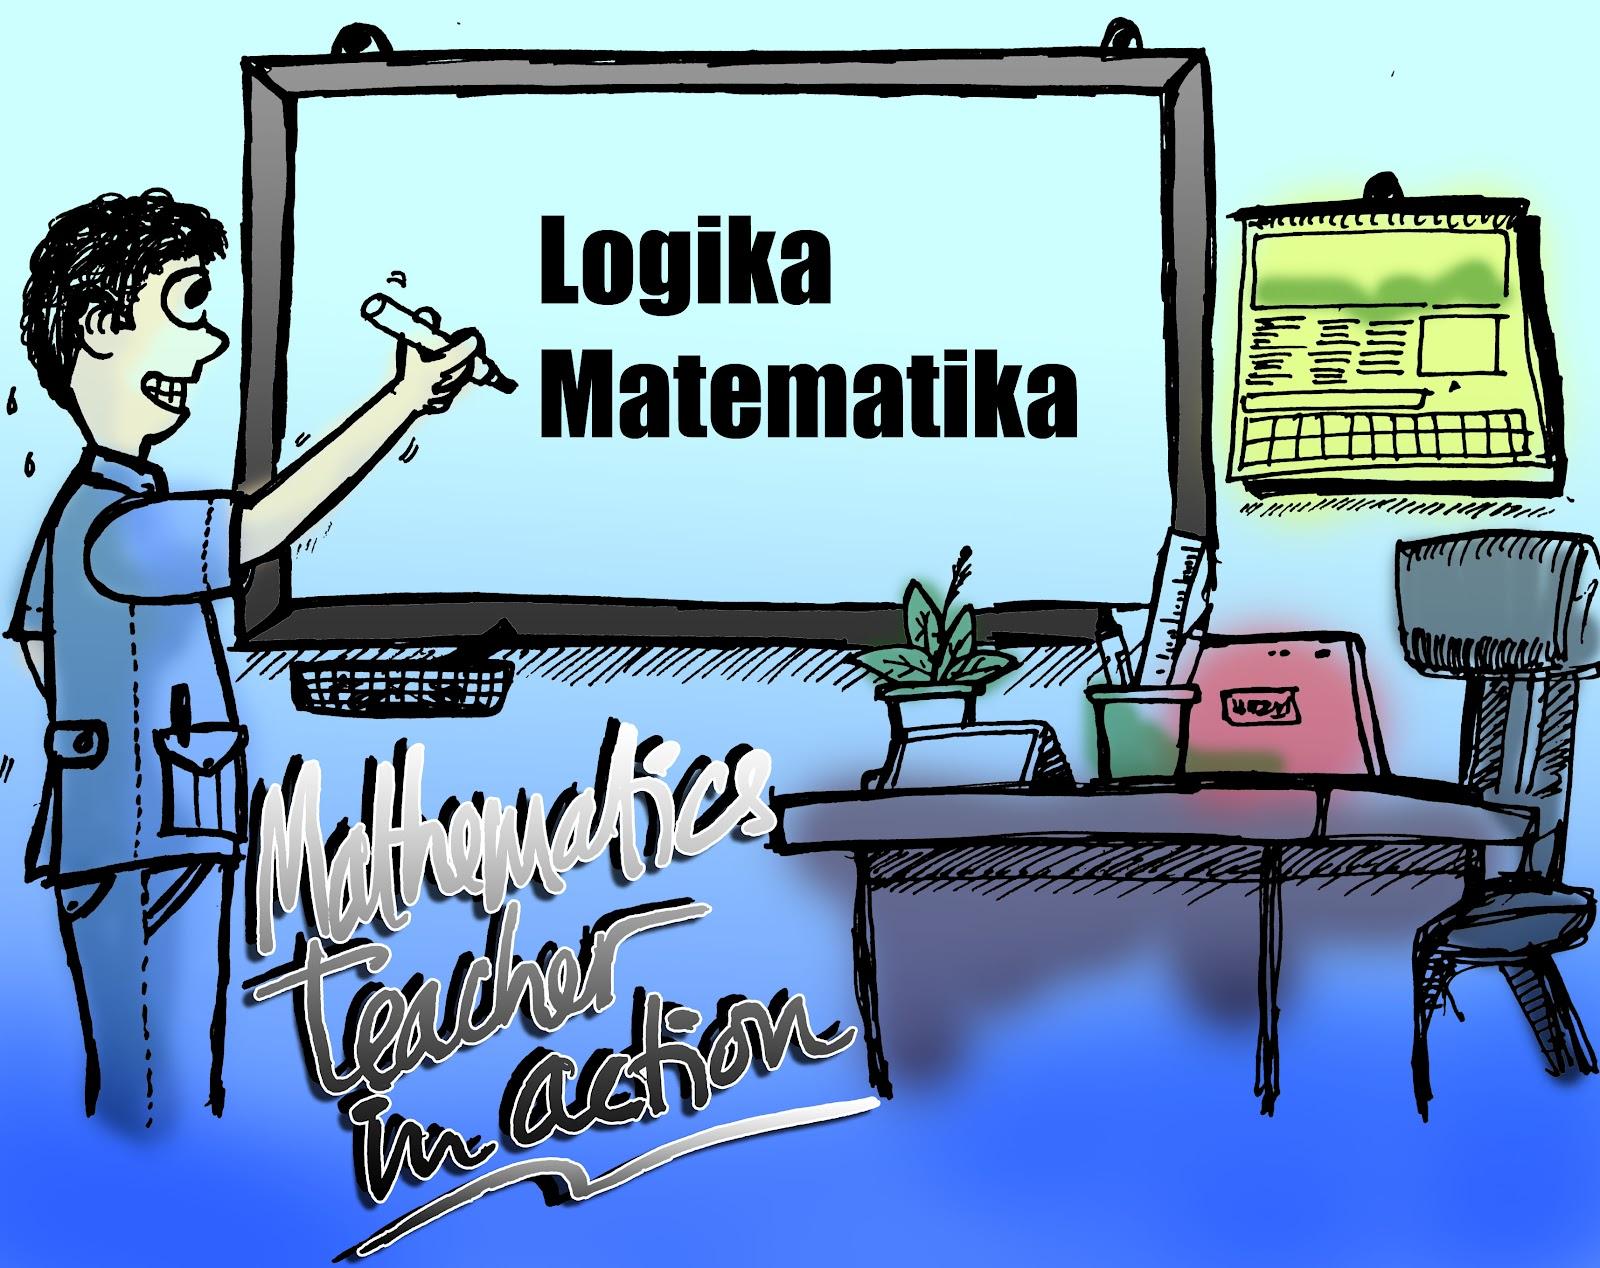 Materi Bk Smk Kelas 1 Renstra Smk Negeri 1 Magelang 20327608siap Sekolah Logika Matematika Smk